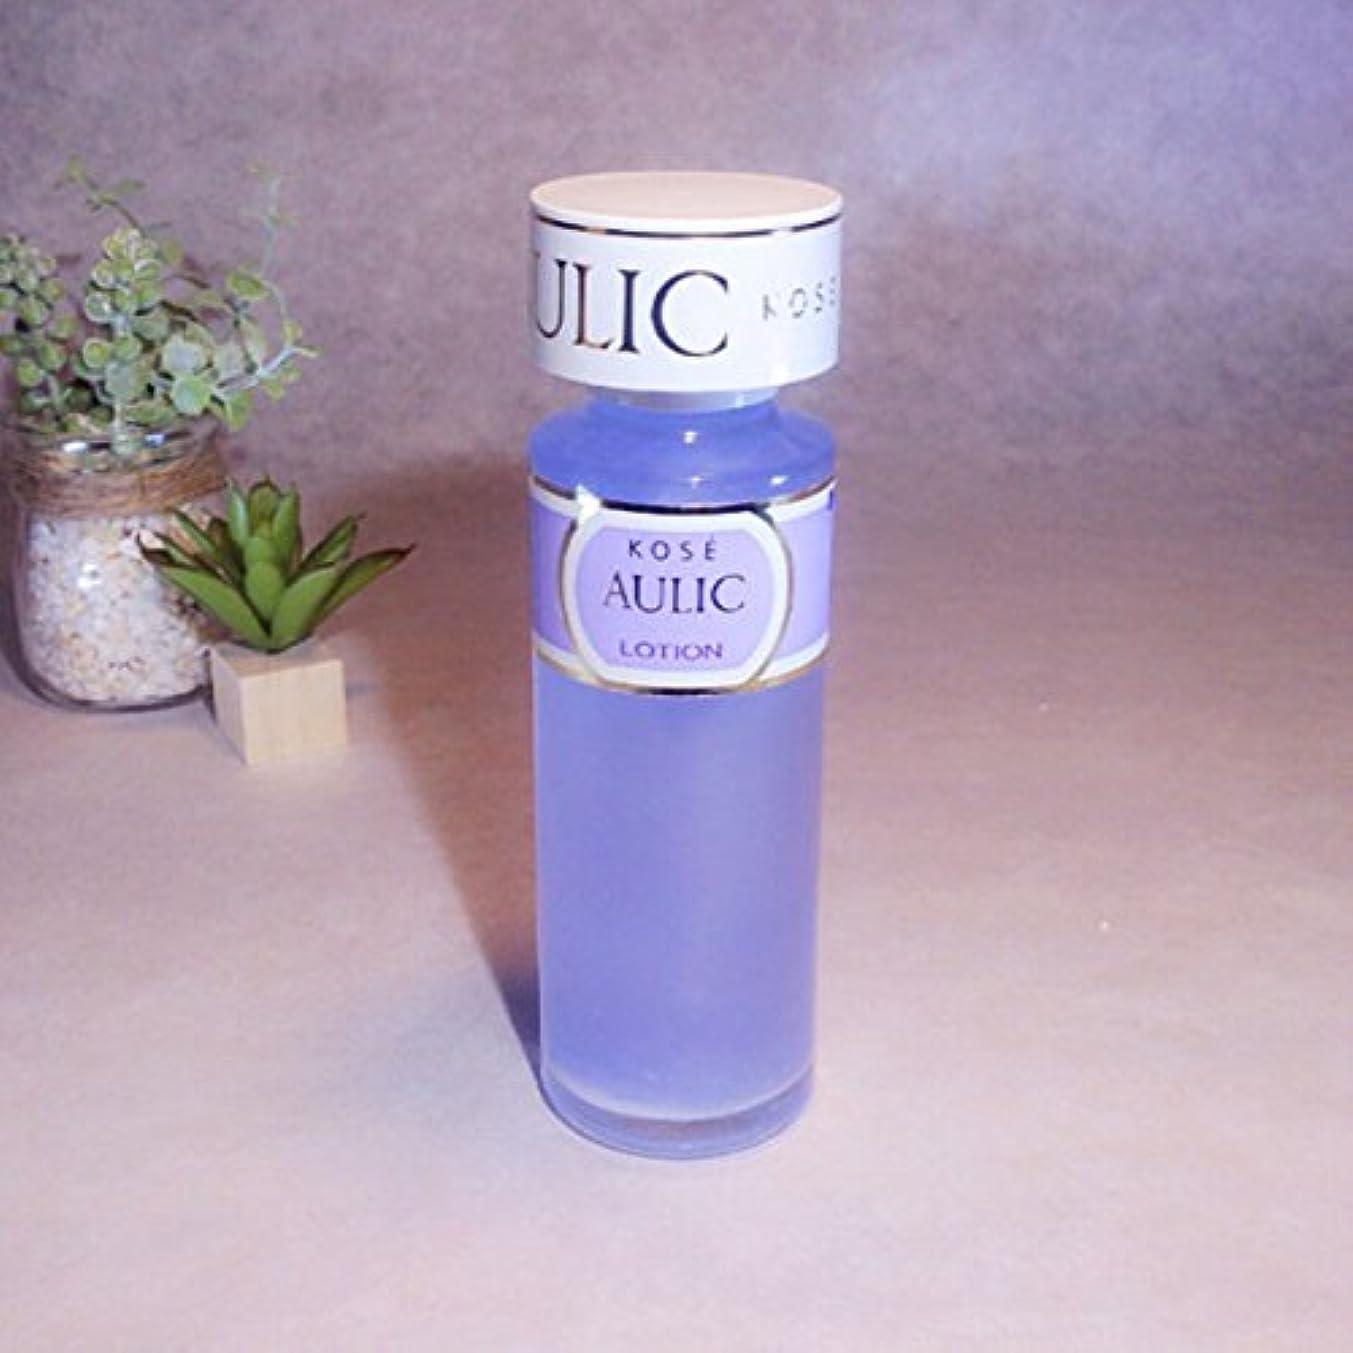 保持真剣に適合しましたコーセー オーリック 化粧水(アレ性用) 140ml